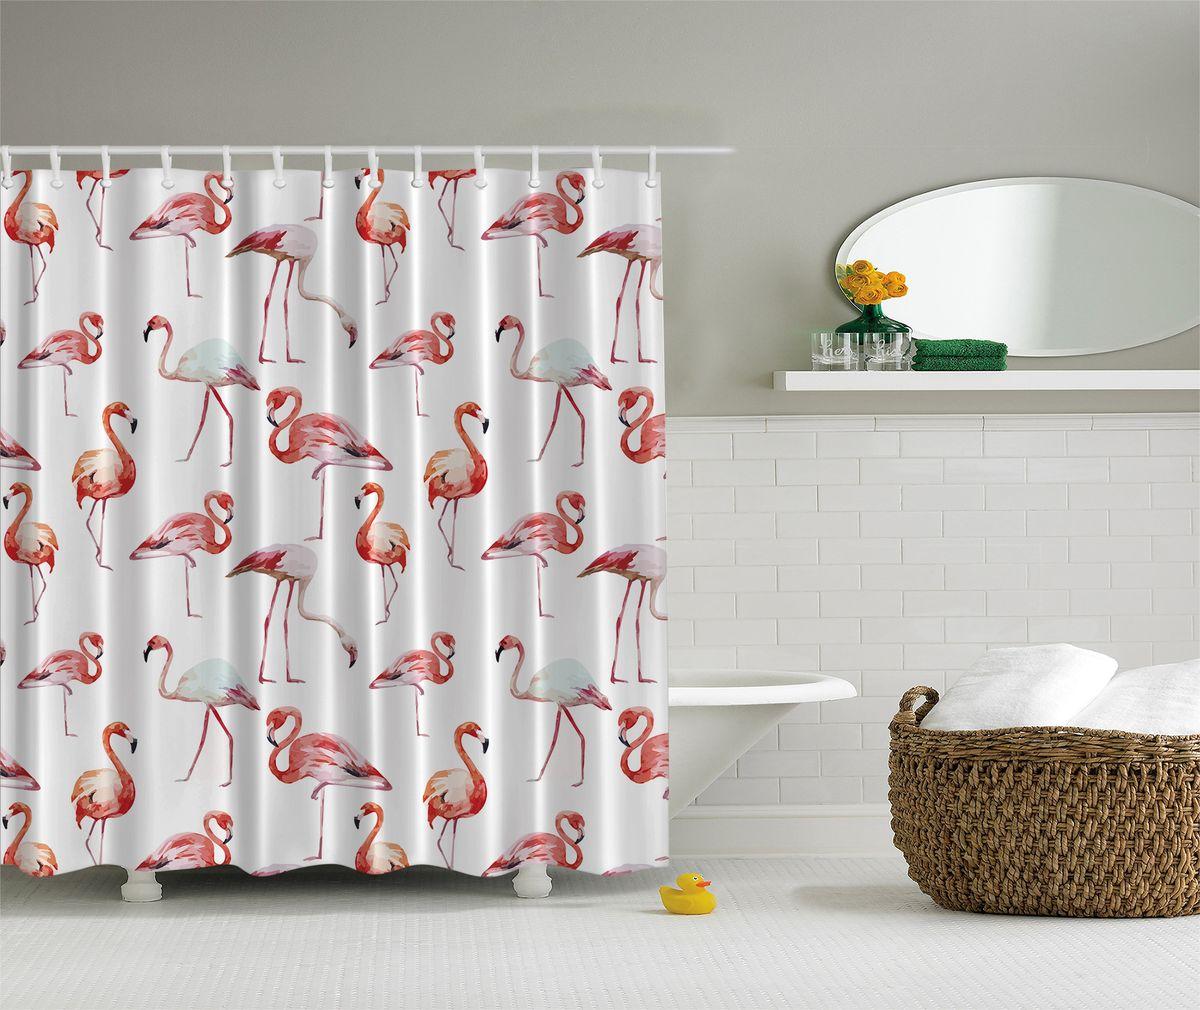 Штора для ванной комнаты Magic Lady Розовый фламинго, 180 х 200 смшв_5105Штора Magic Lady Розовый фламинго, изготовленная из высококачественного сатена (полиэстер 100%), отлично дополнит любой интерьер ванной комнаты. При изготовлении используются специальные гипоаллергенные чернила для прямой печати по ткани, безопасные для человека.В комплекте: 1 штора, 12 крючков. Обращаем ваше внимание, фактический цвет изделия может незначительно отличаться от представленного на фото.